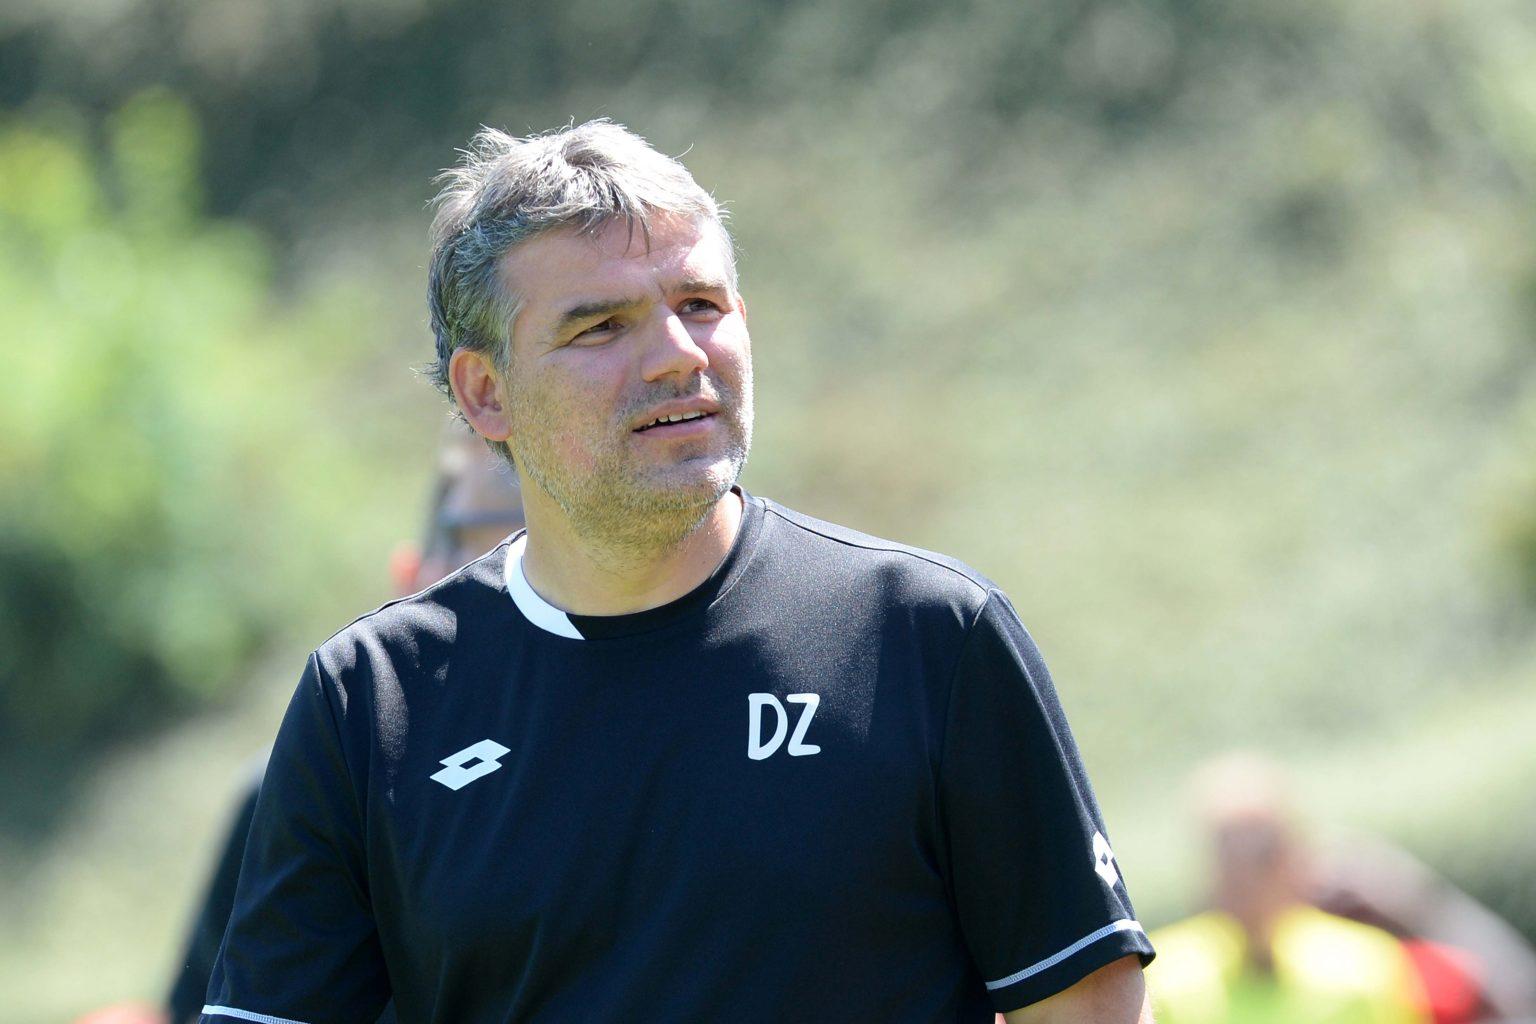 DSC_2538 Daniel Zillken